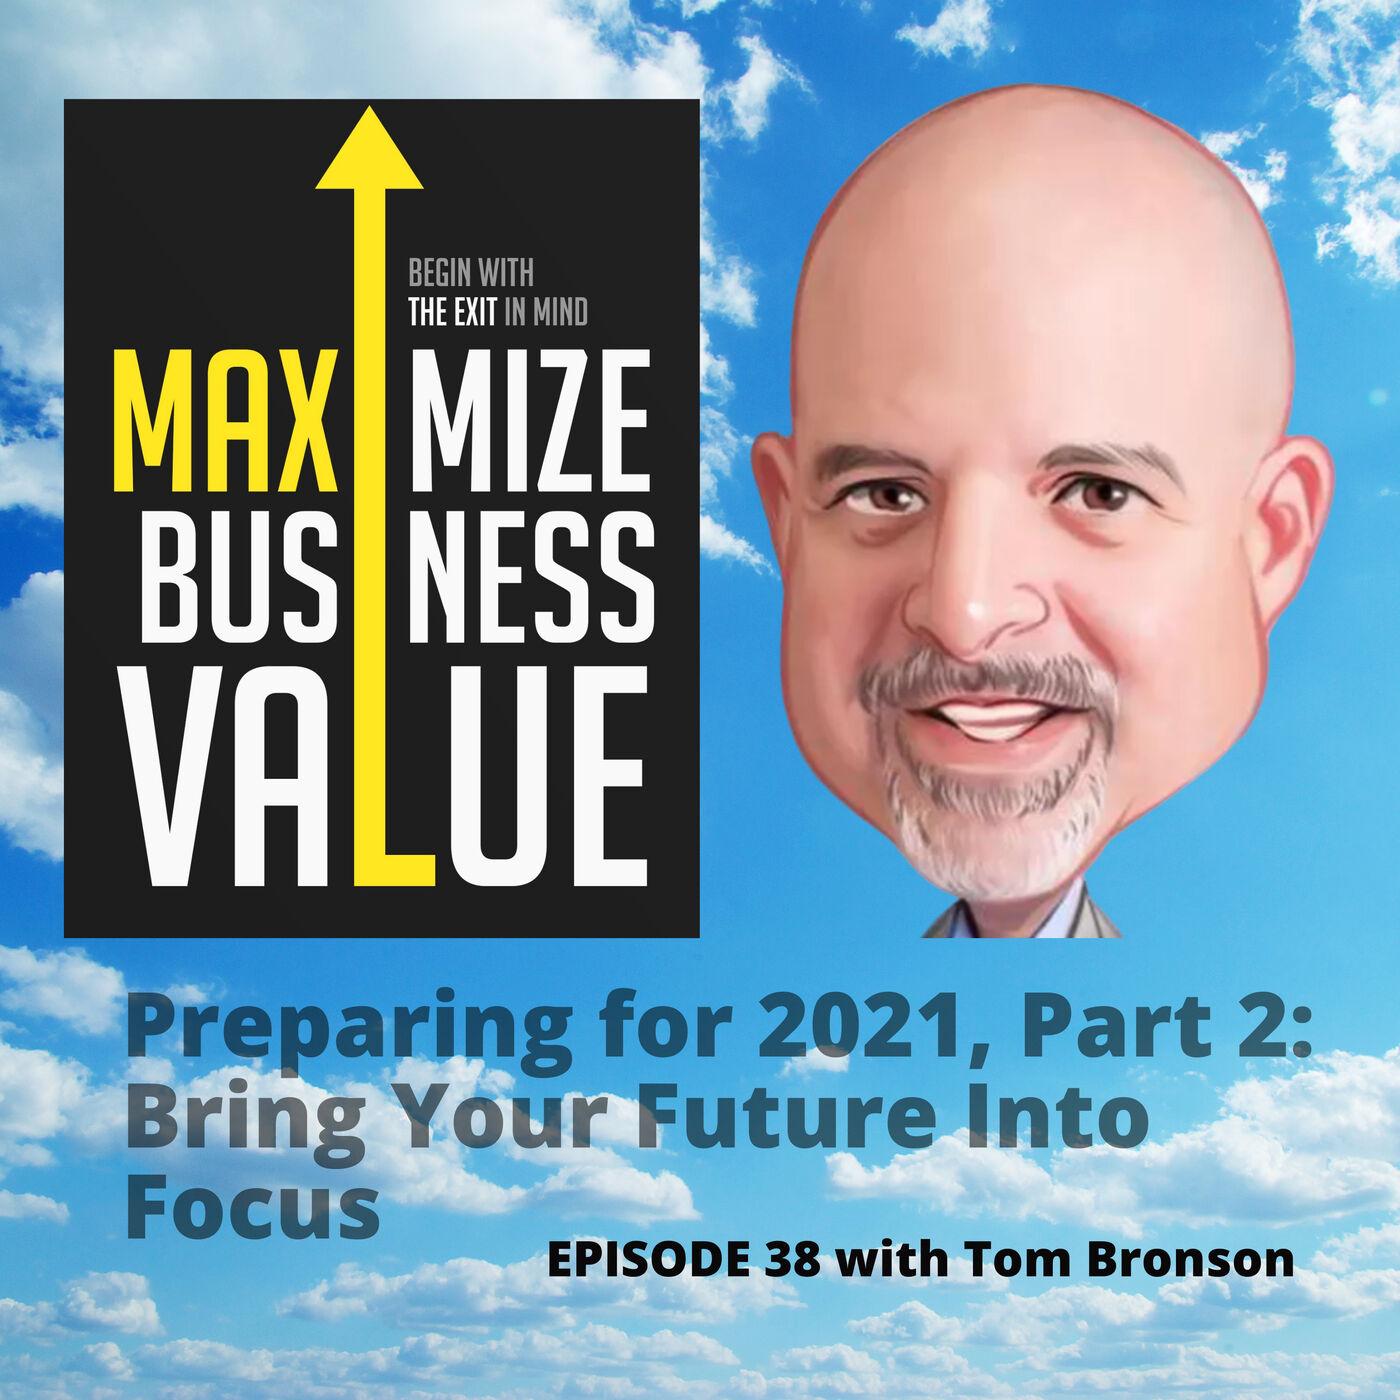 Preparing for 2021, Part 2: Bring Your Future Into Focus